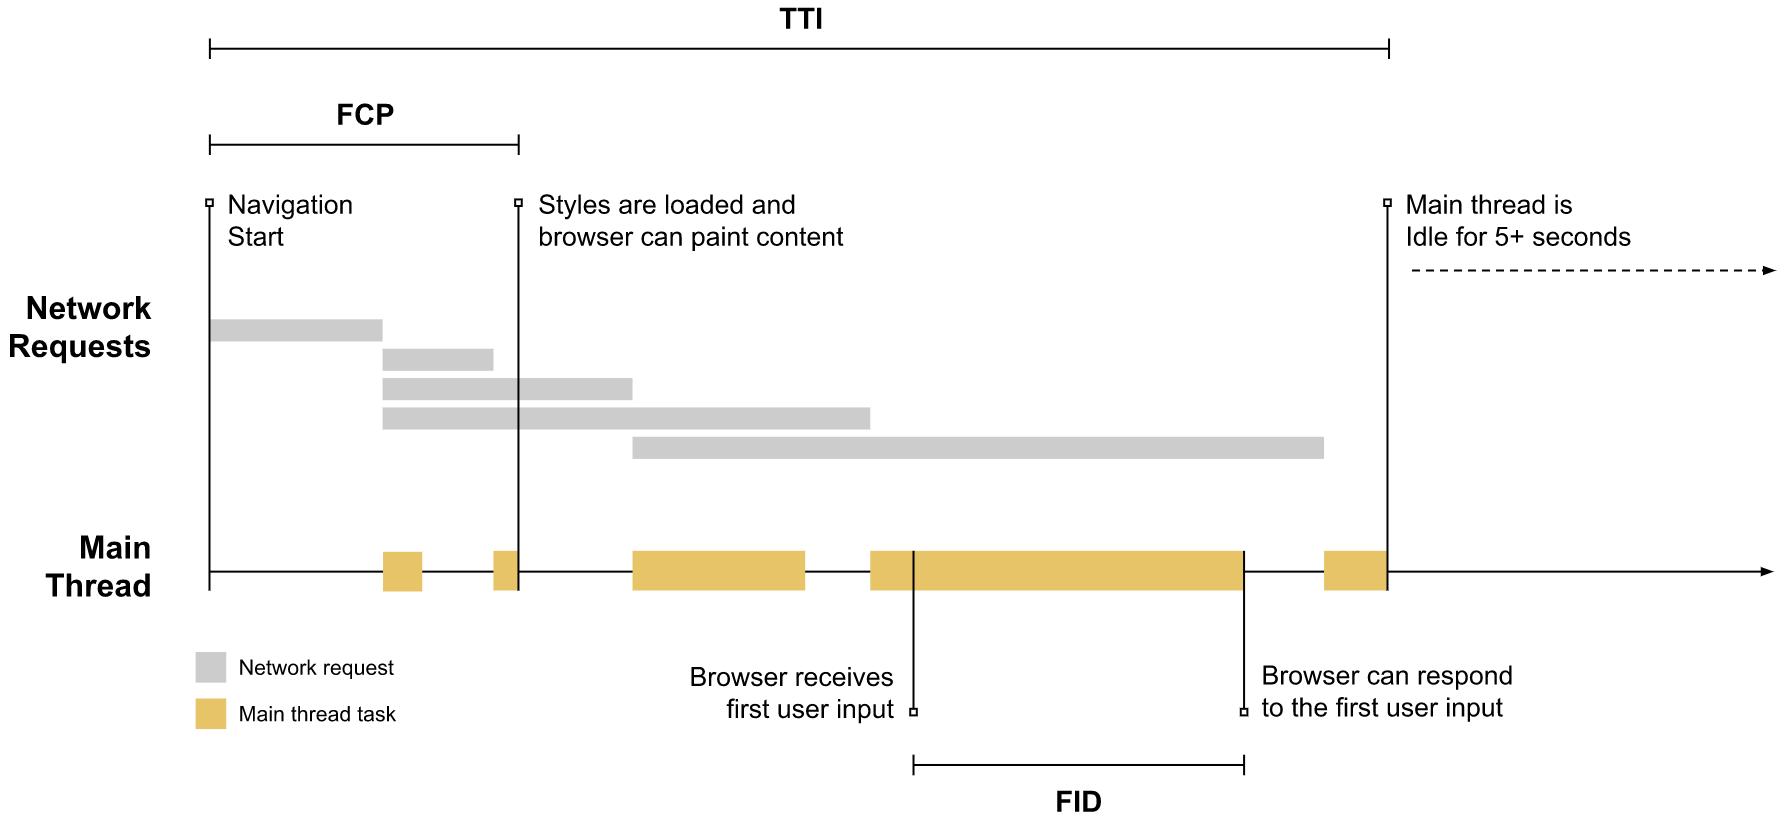 на временную шкалу были добавлены FCP, TTI и FID